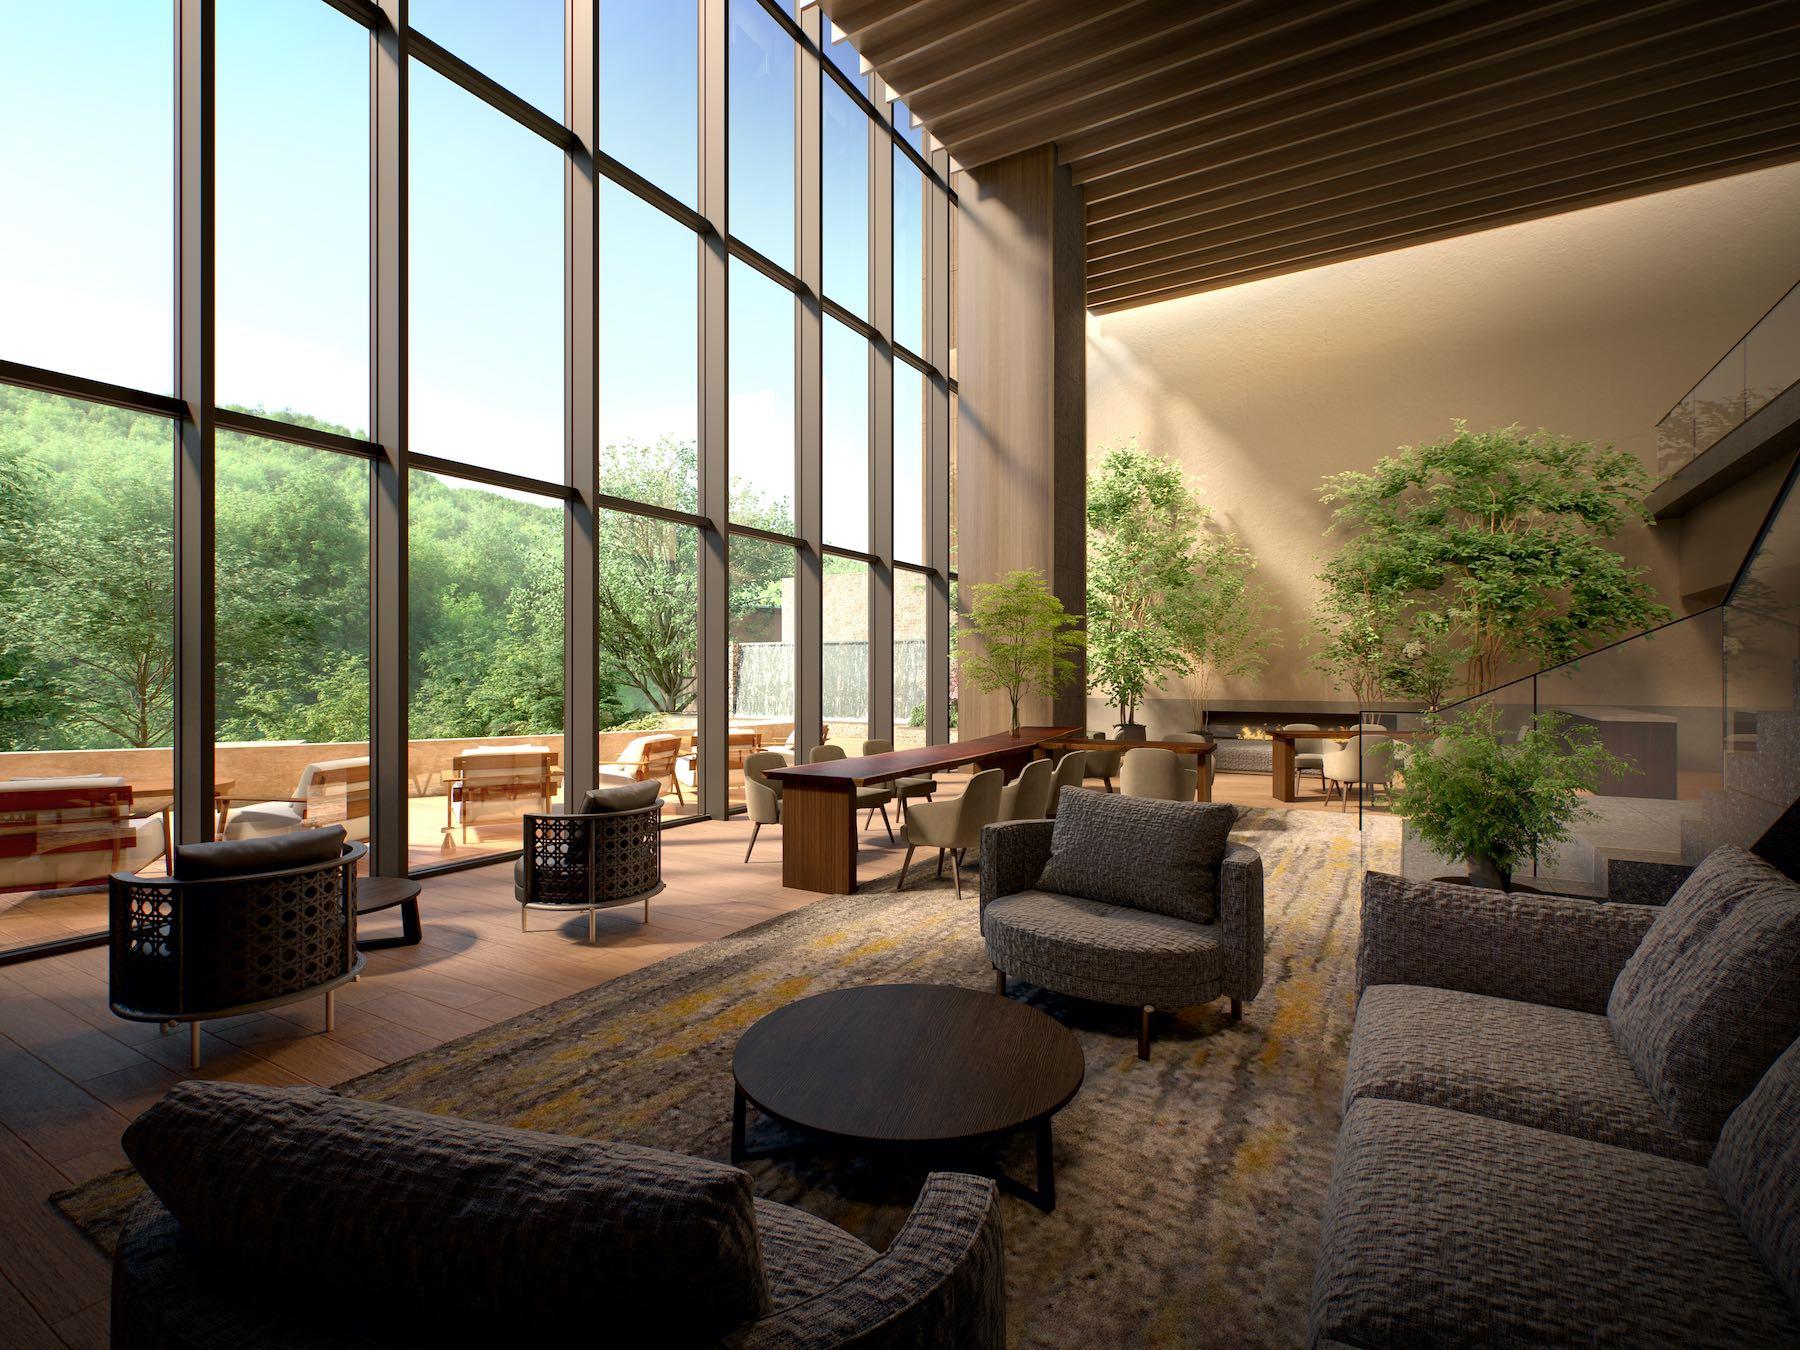 「東急ハーヴェストクラブVIALA鬼怒川渓翠」のラウンジは、鬼怒川の緑や「KINUGAWAテラス」の開放的な空間との連続性を感じさせる